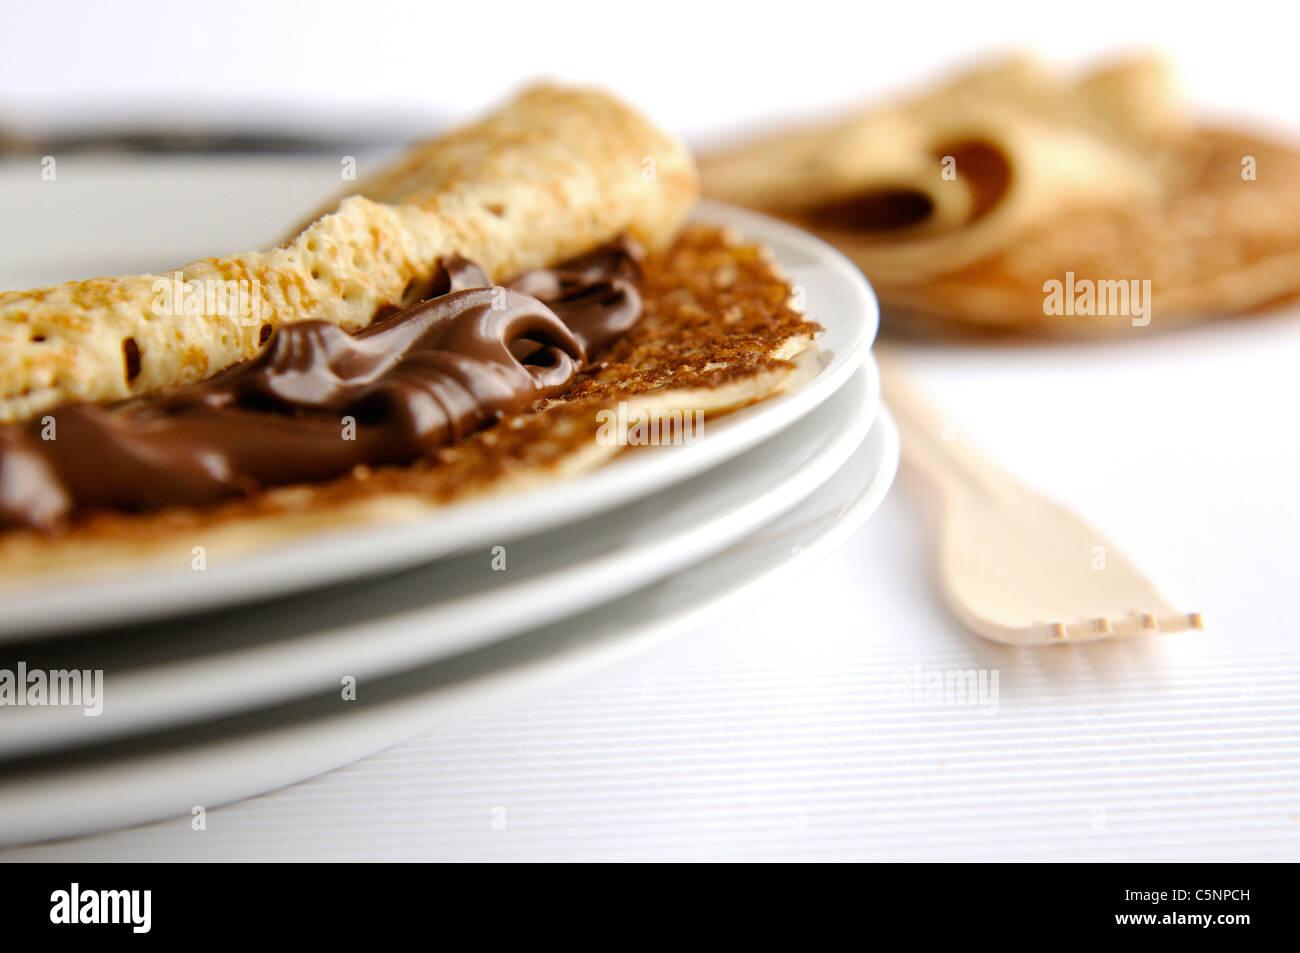 Pancake with chocolate cream - Stock Image